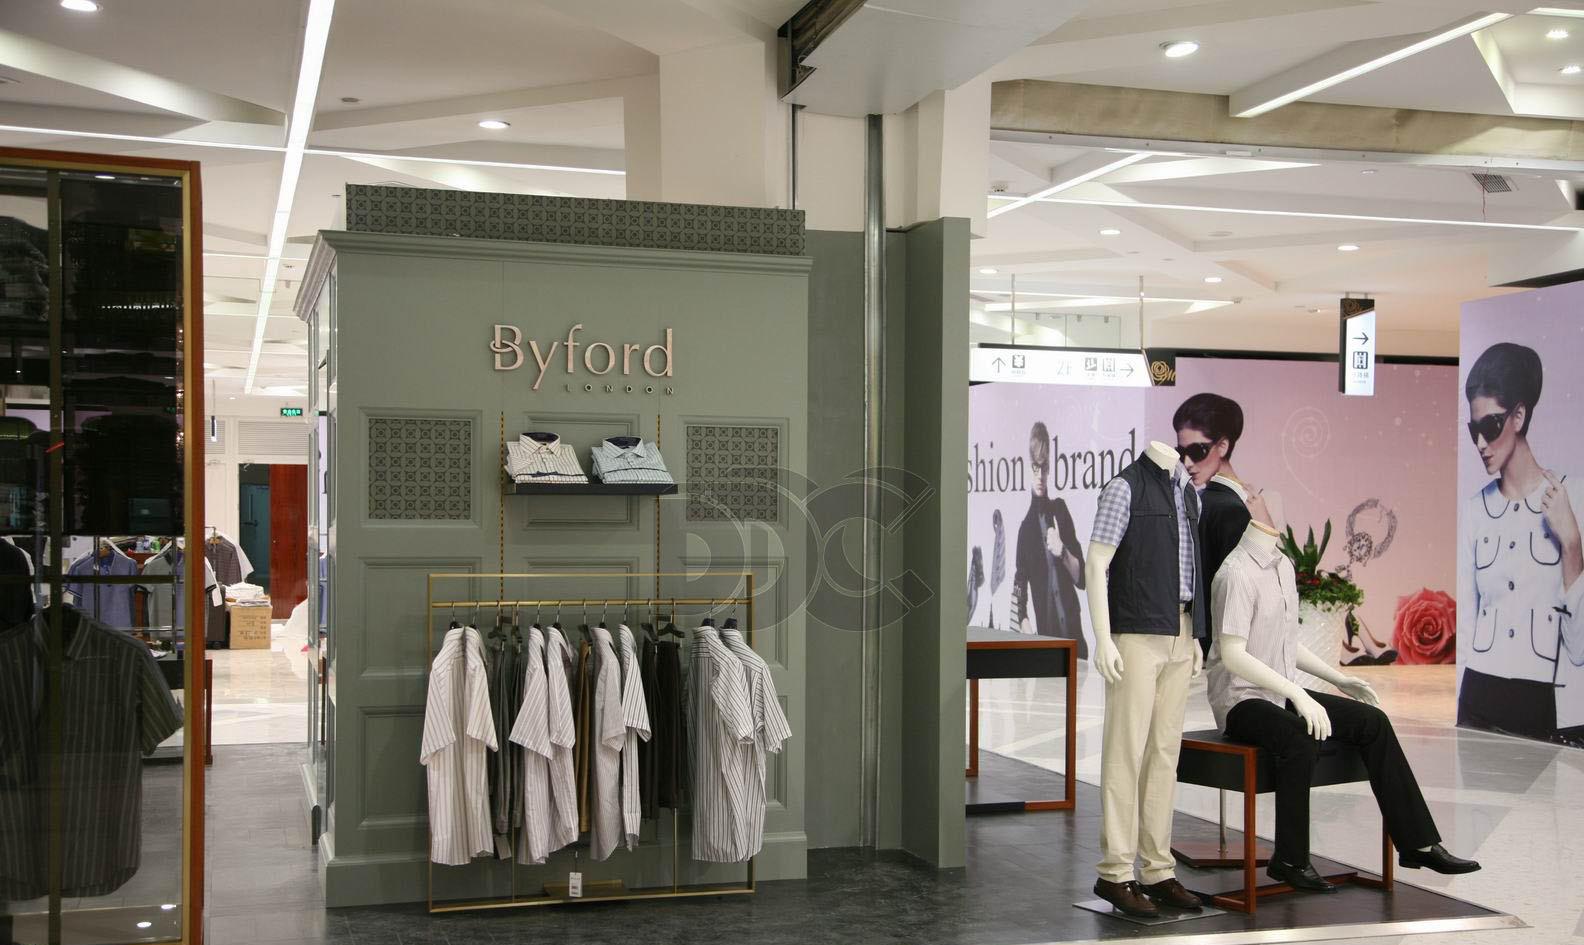 Byford